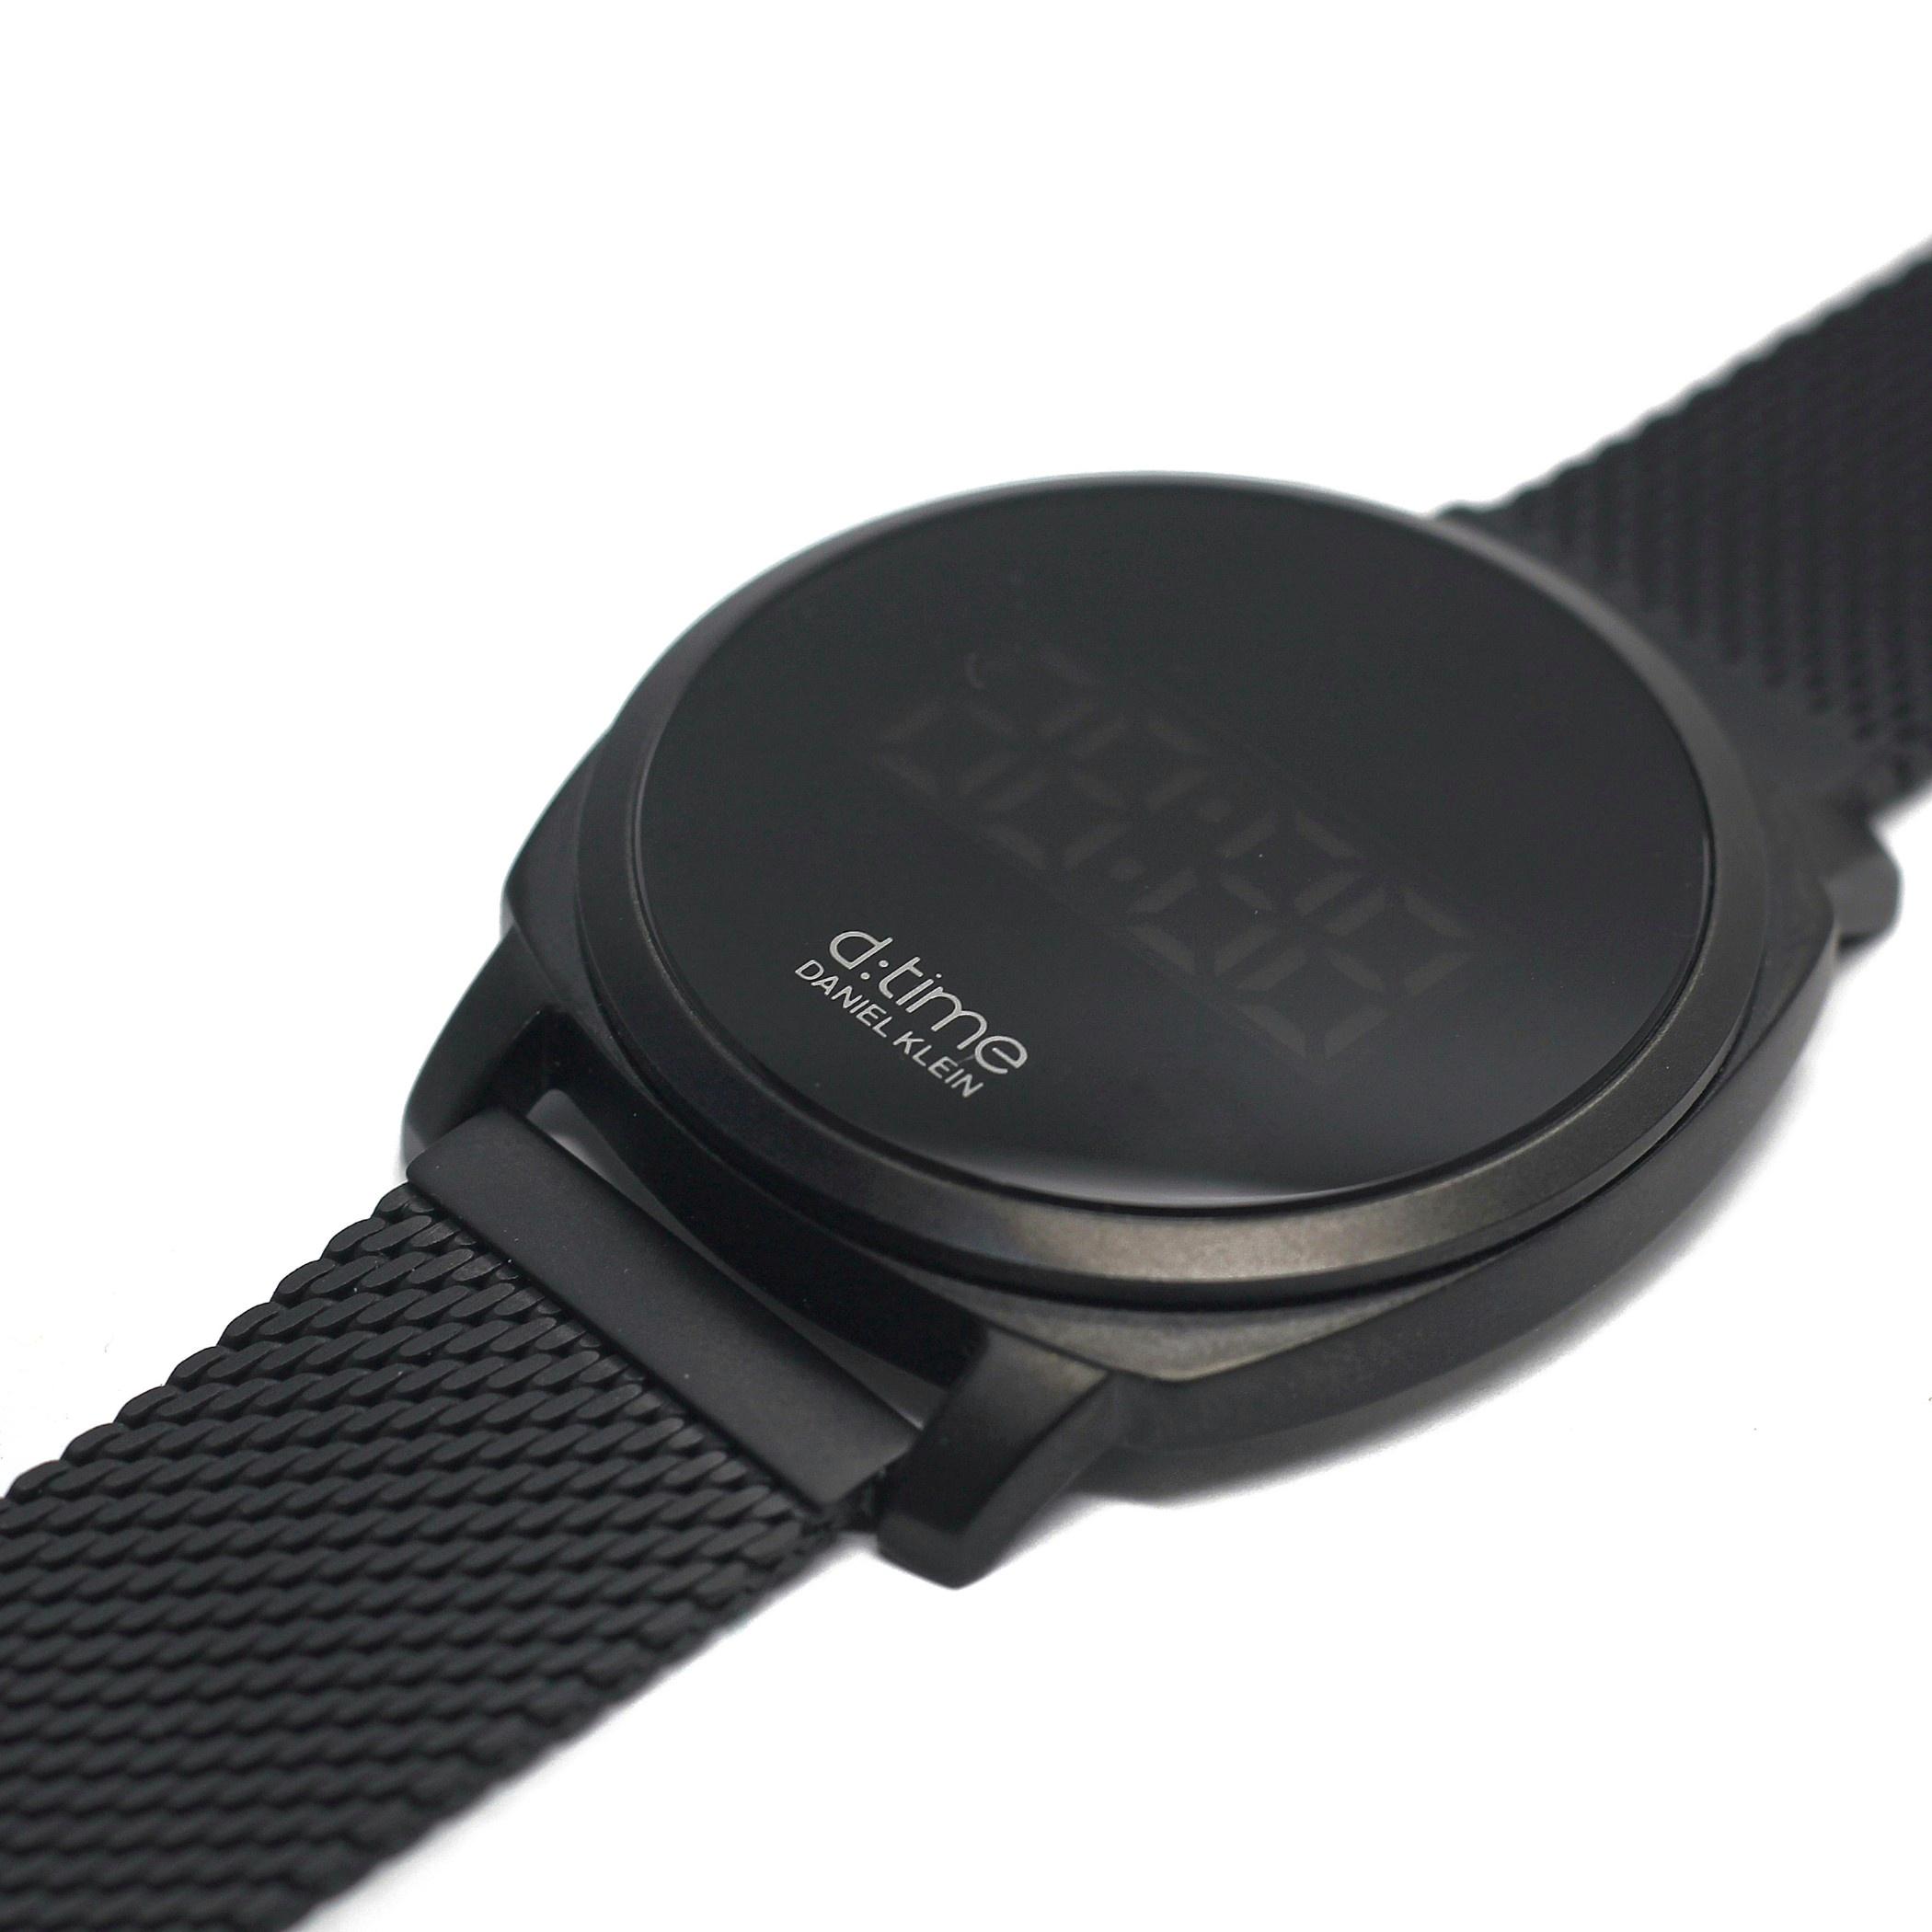 ساعت مچی دیجیتال مردانه دنیل کلین مدل DK12383-4             قیمت